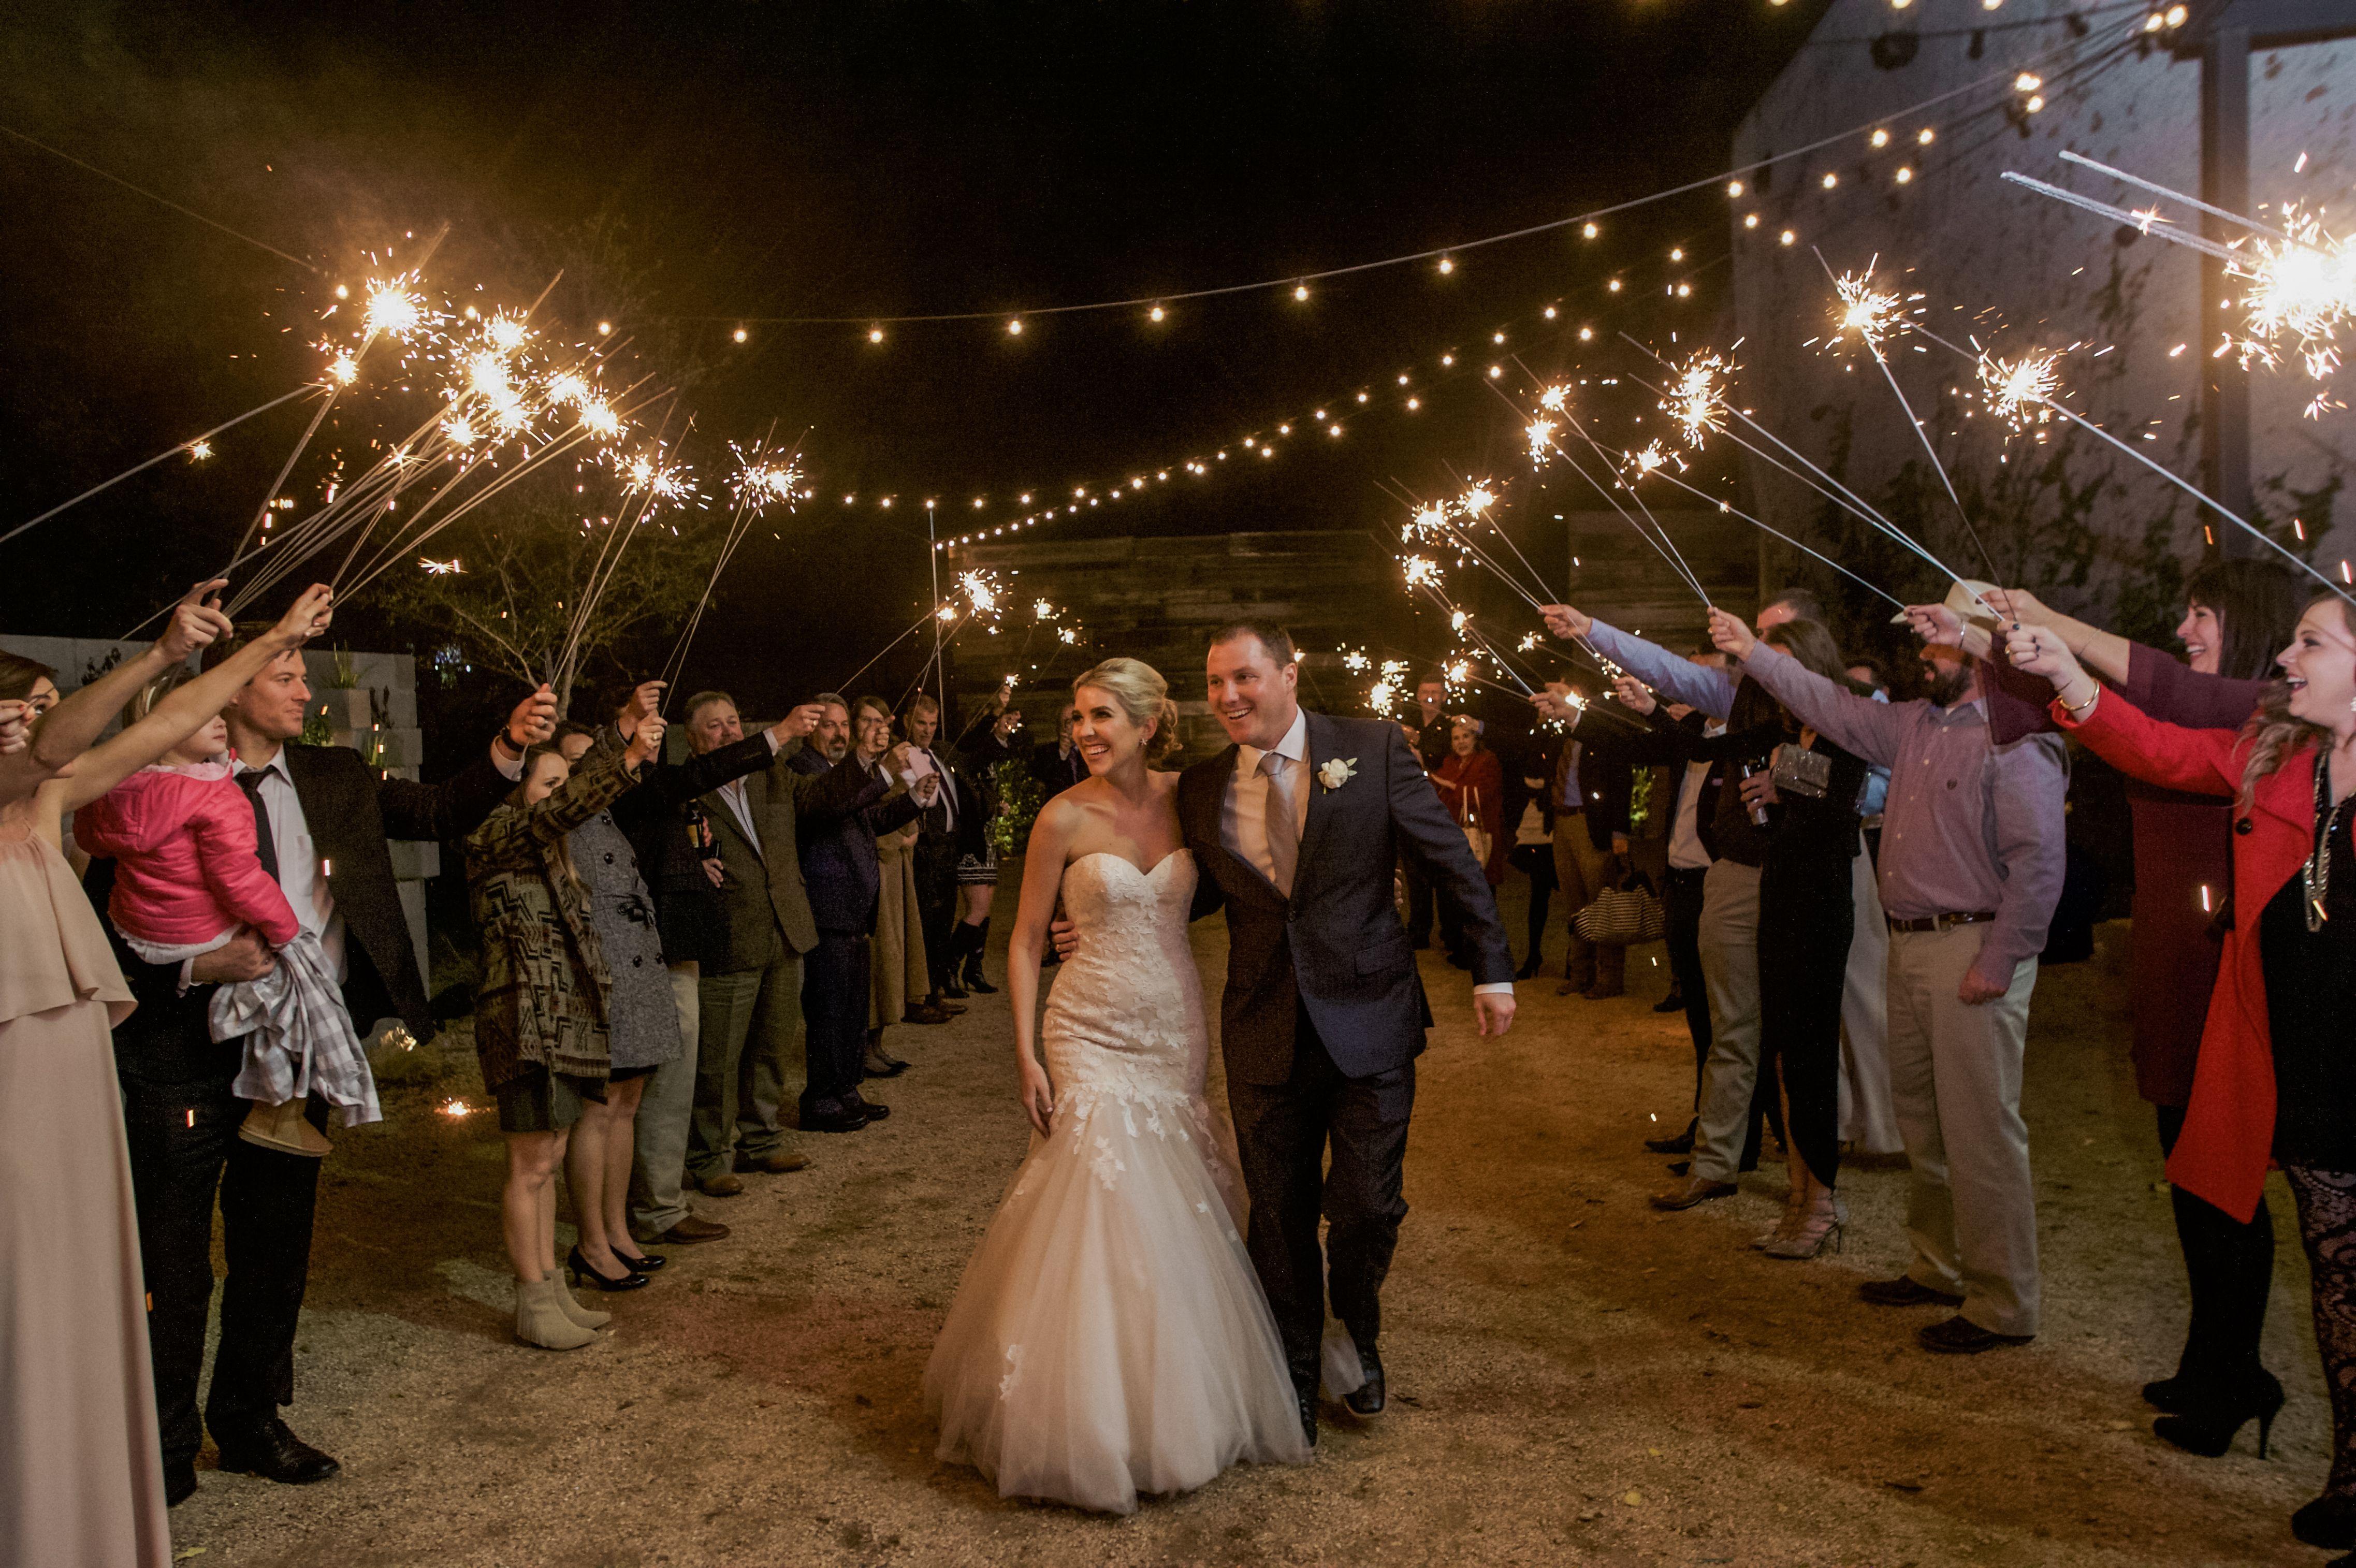 outdoor wedding venues dfw texas%0A BRIK Venue   Fort Worth   Texas   Event Venue   Wedding Venue   Industrial